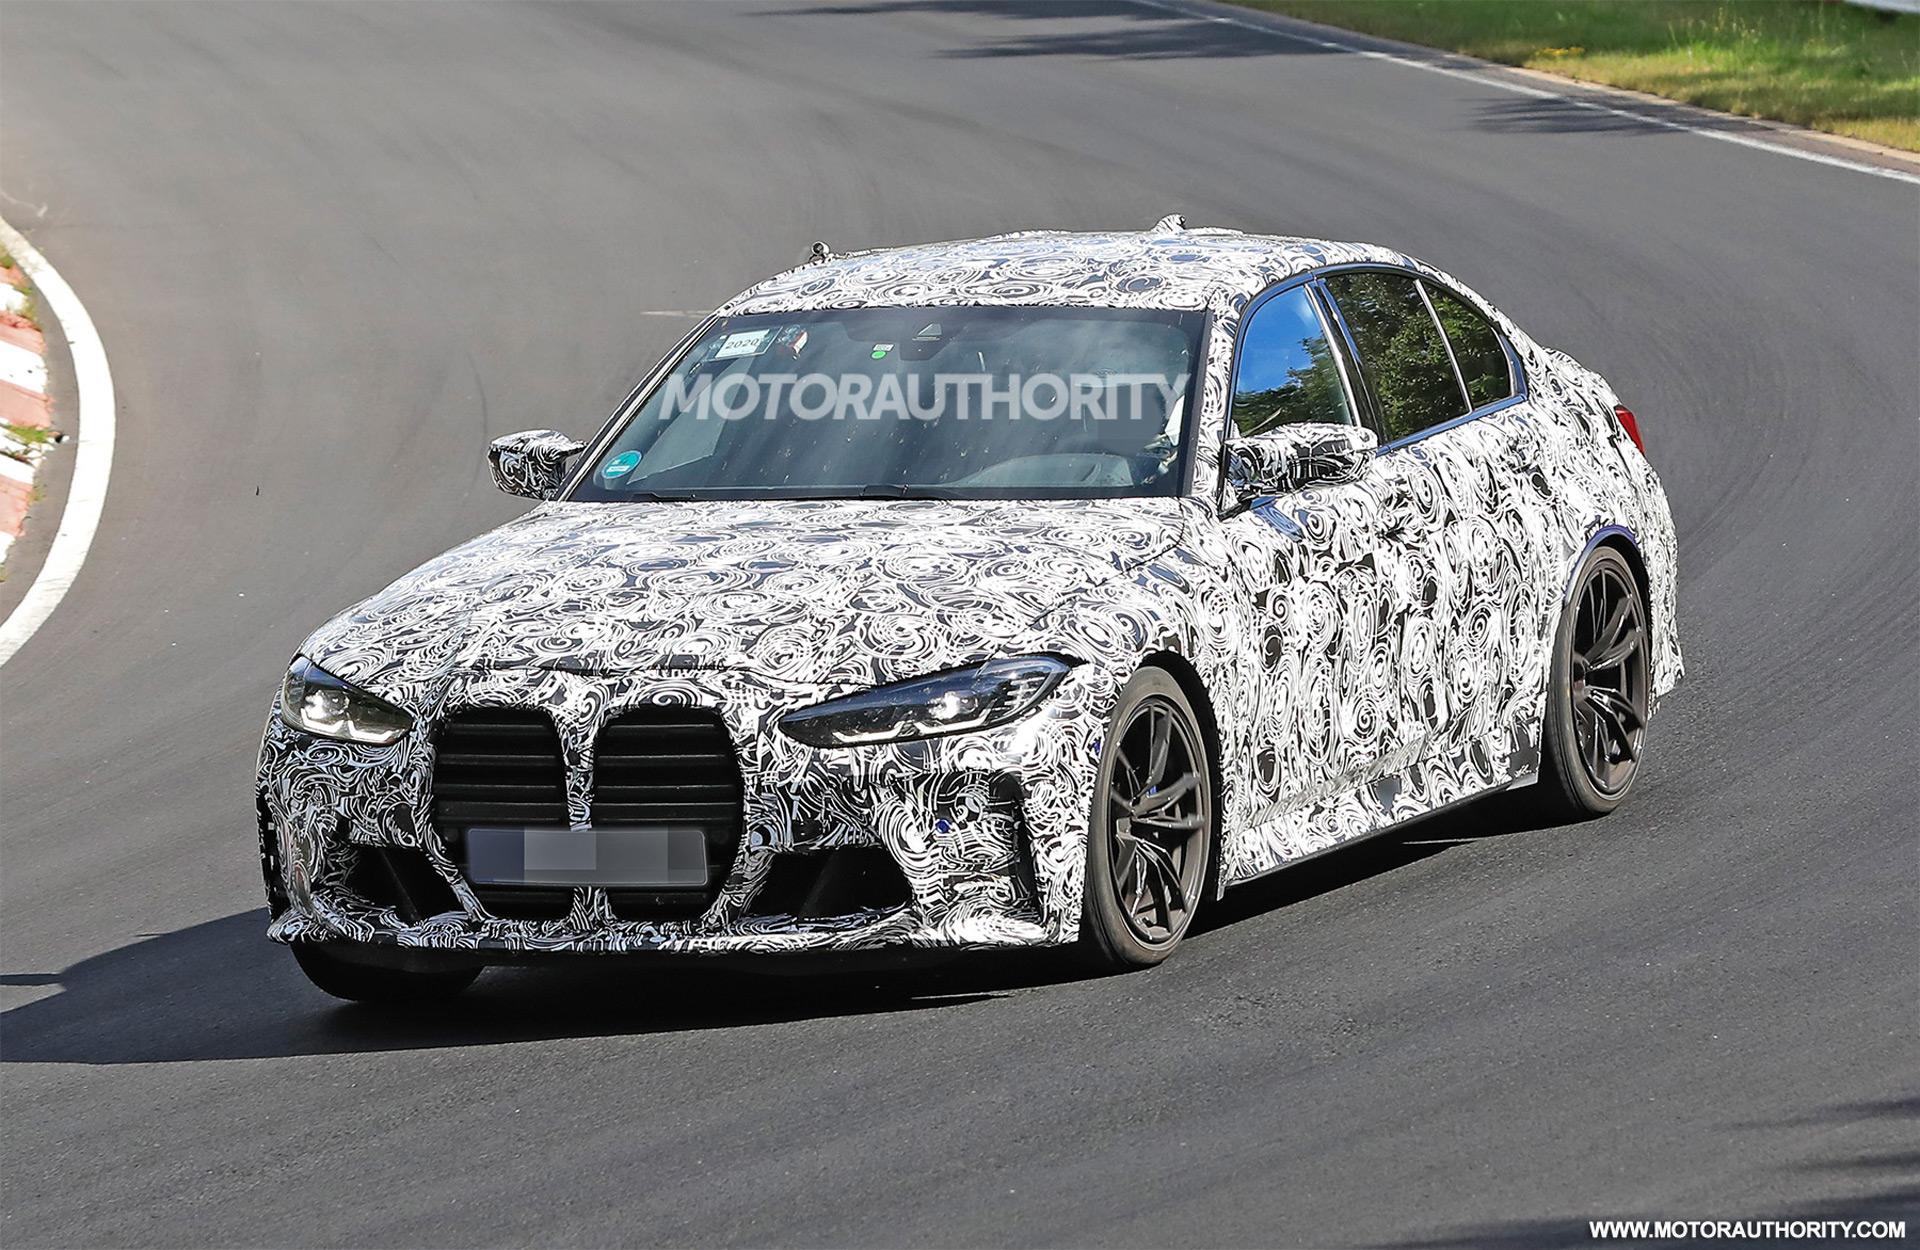 2020 - [BMW] M3/M4 - Page 18 2021-bmw-m3-spy-shots--photo-credit-s-baldauf-sb-medien_100754060_h